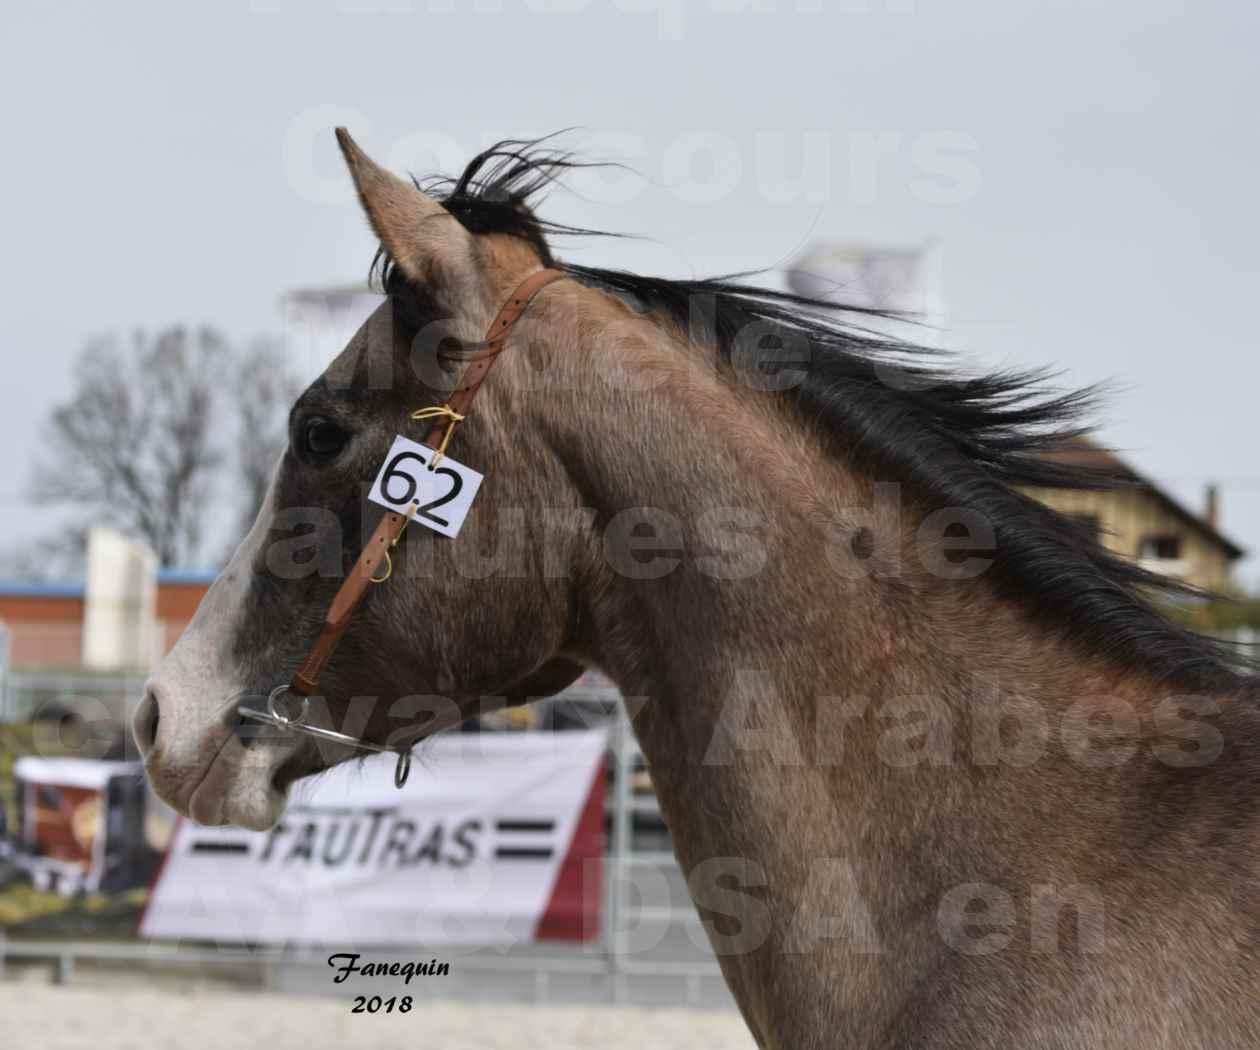 Concours d'élevage de Chevaux Arabes - Demi Sang Arabes - Anglo Arabes - ALBI les 6 & 7 Avril 2018 - FLORIA DU PUECH - Notre Sélection - Portraits - 2